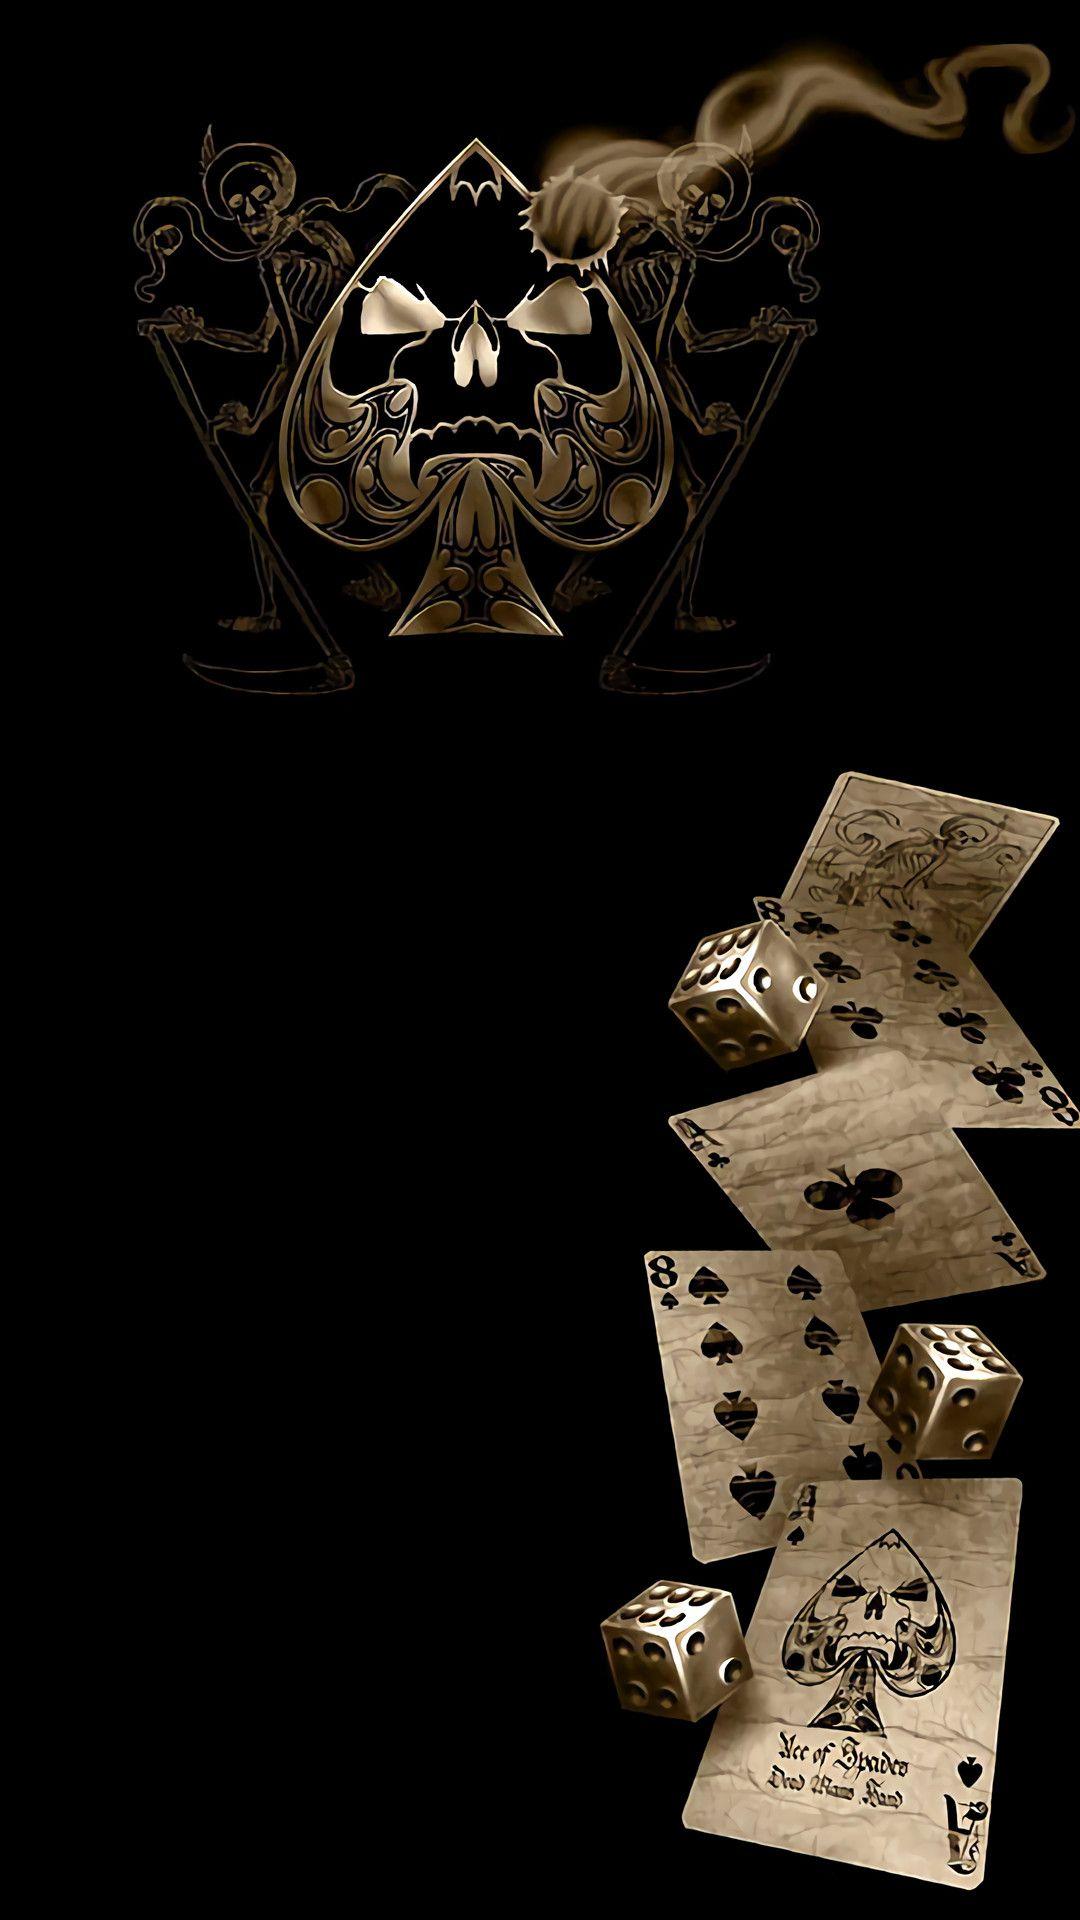 Teruntuk kamu yang sedang bermain permainan poker melalui